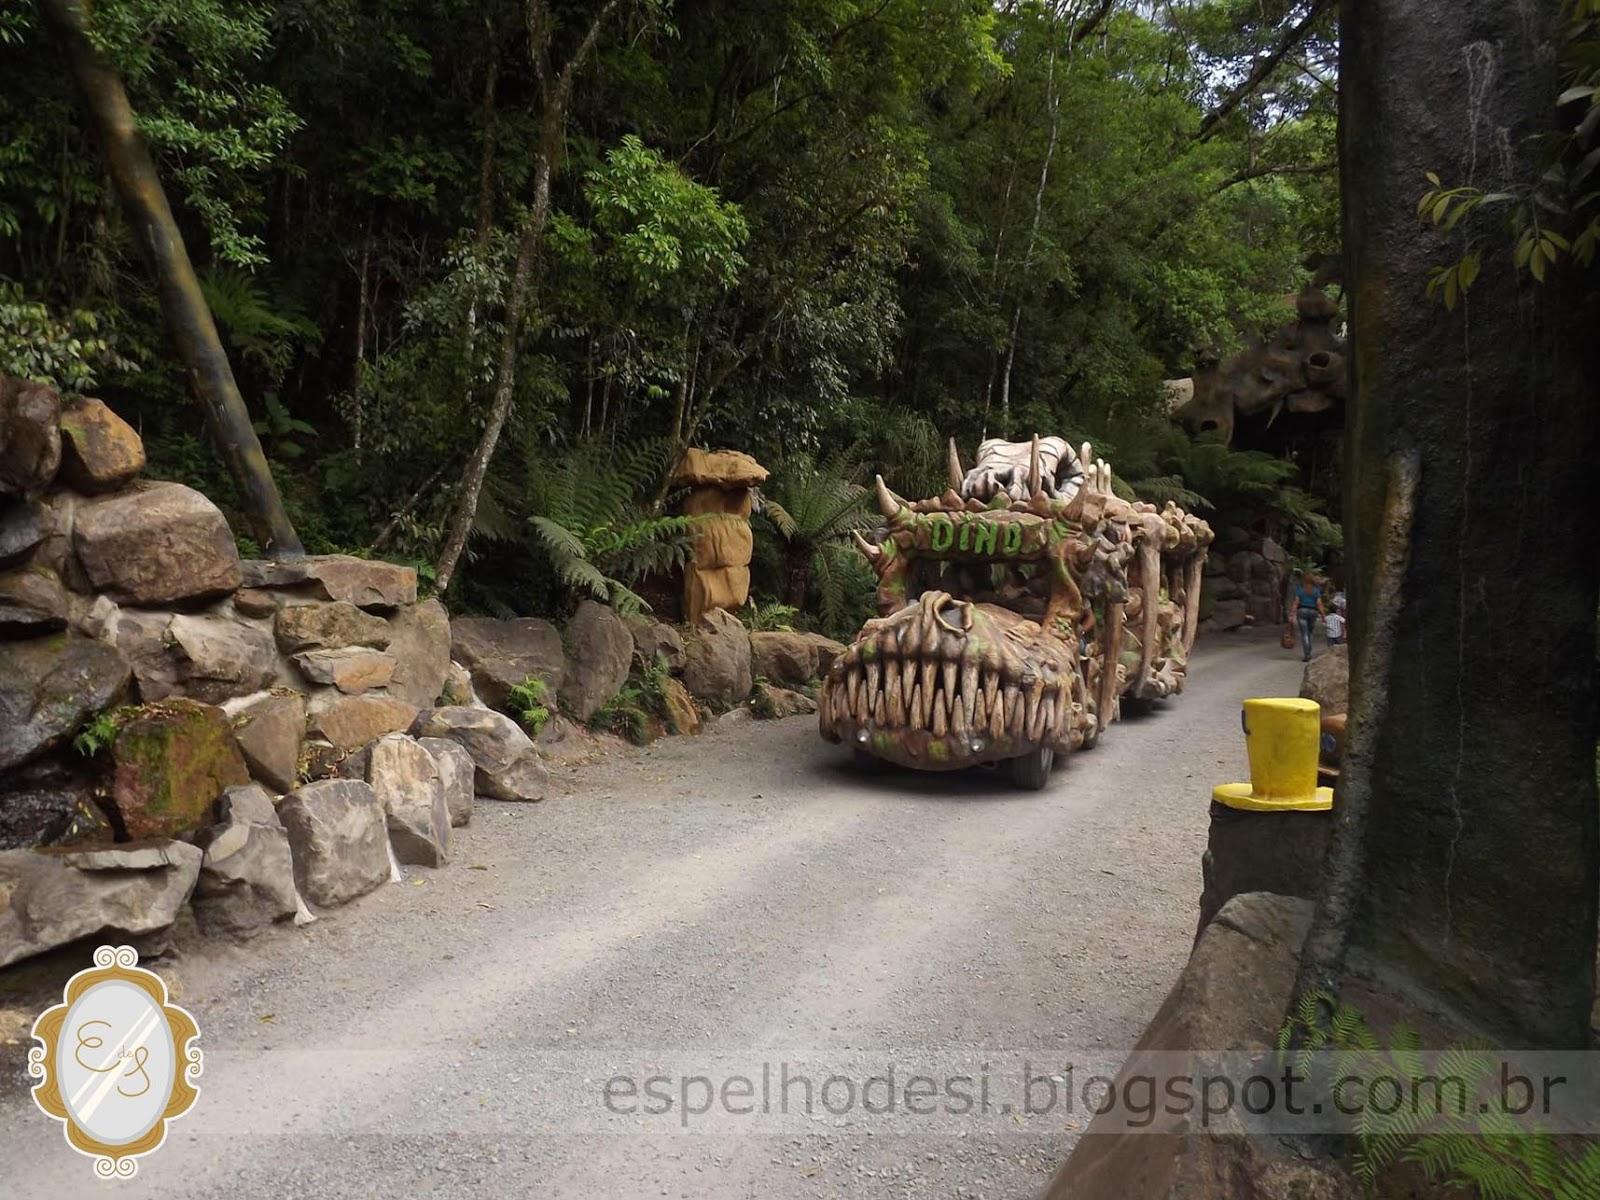 http://espelhodesi.blogspot.com.br/